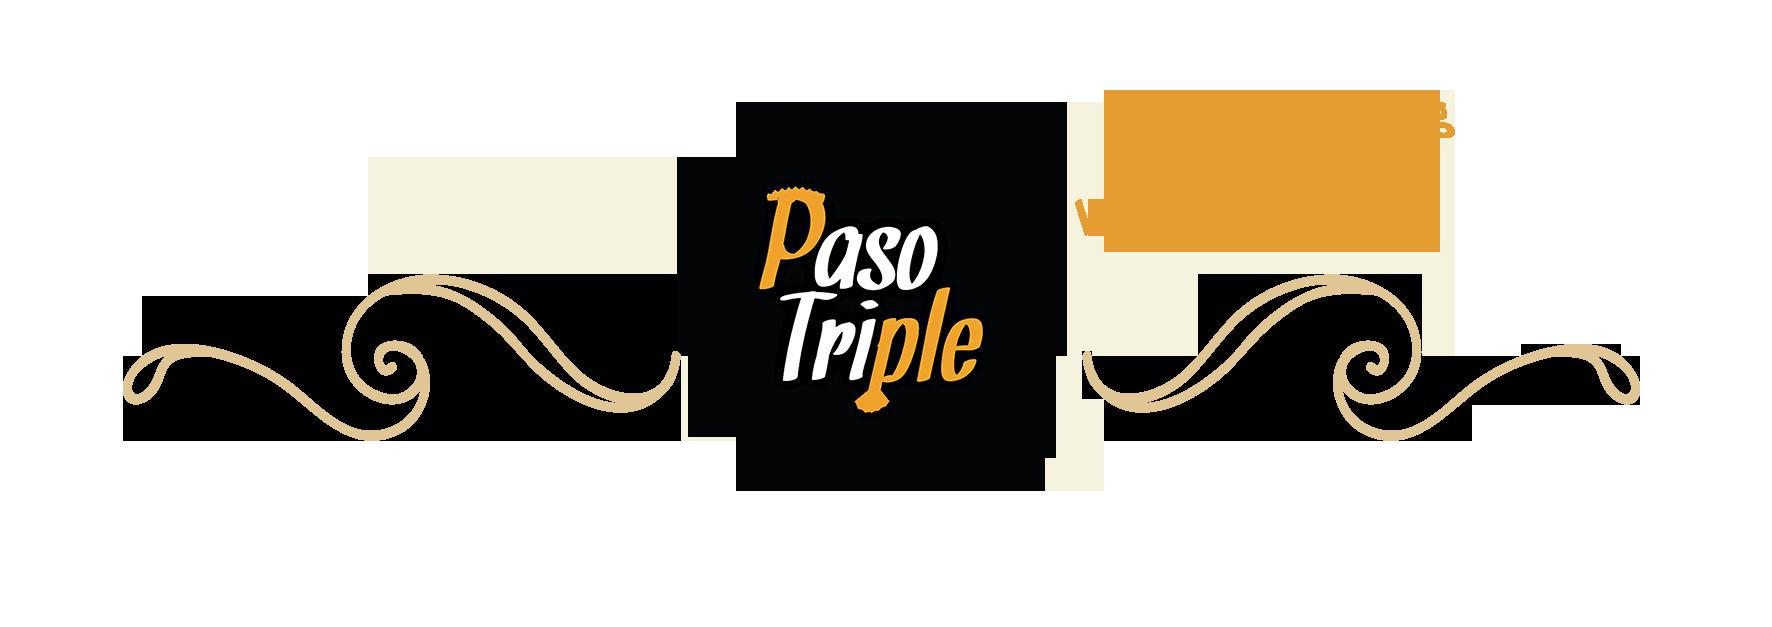 Paso Triple